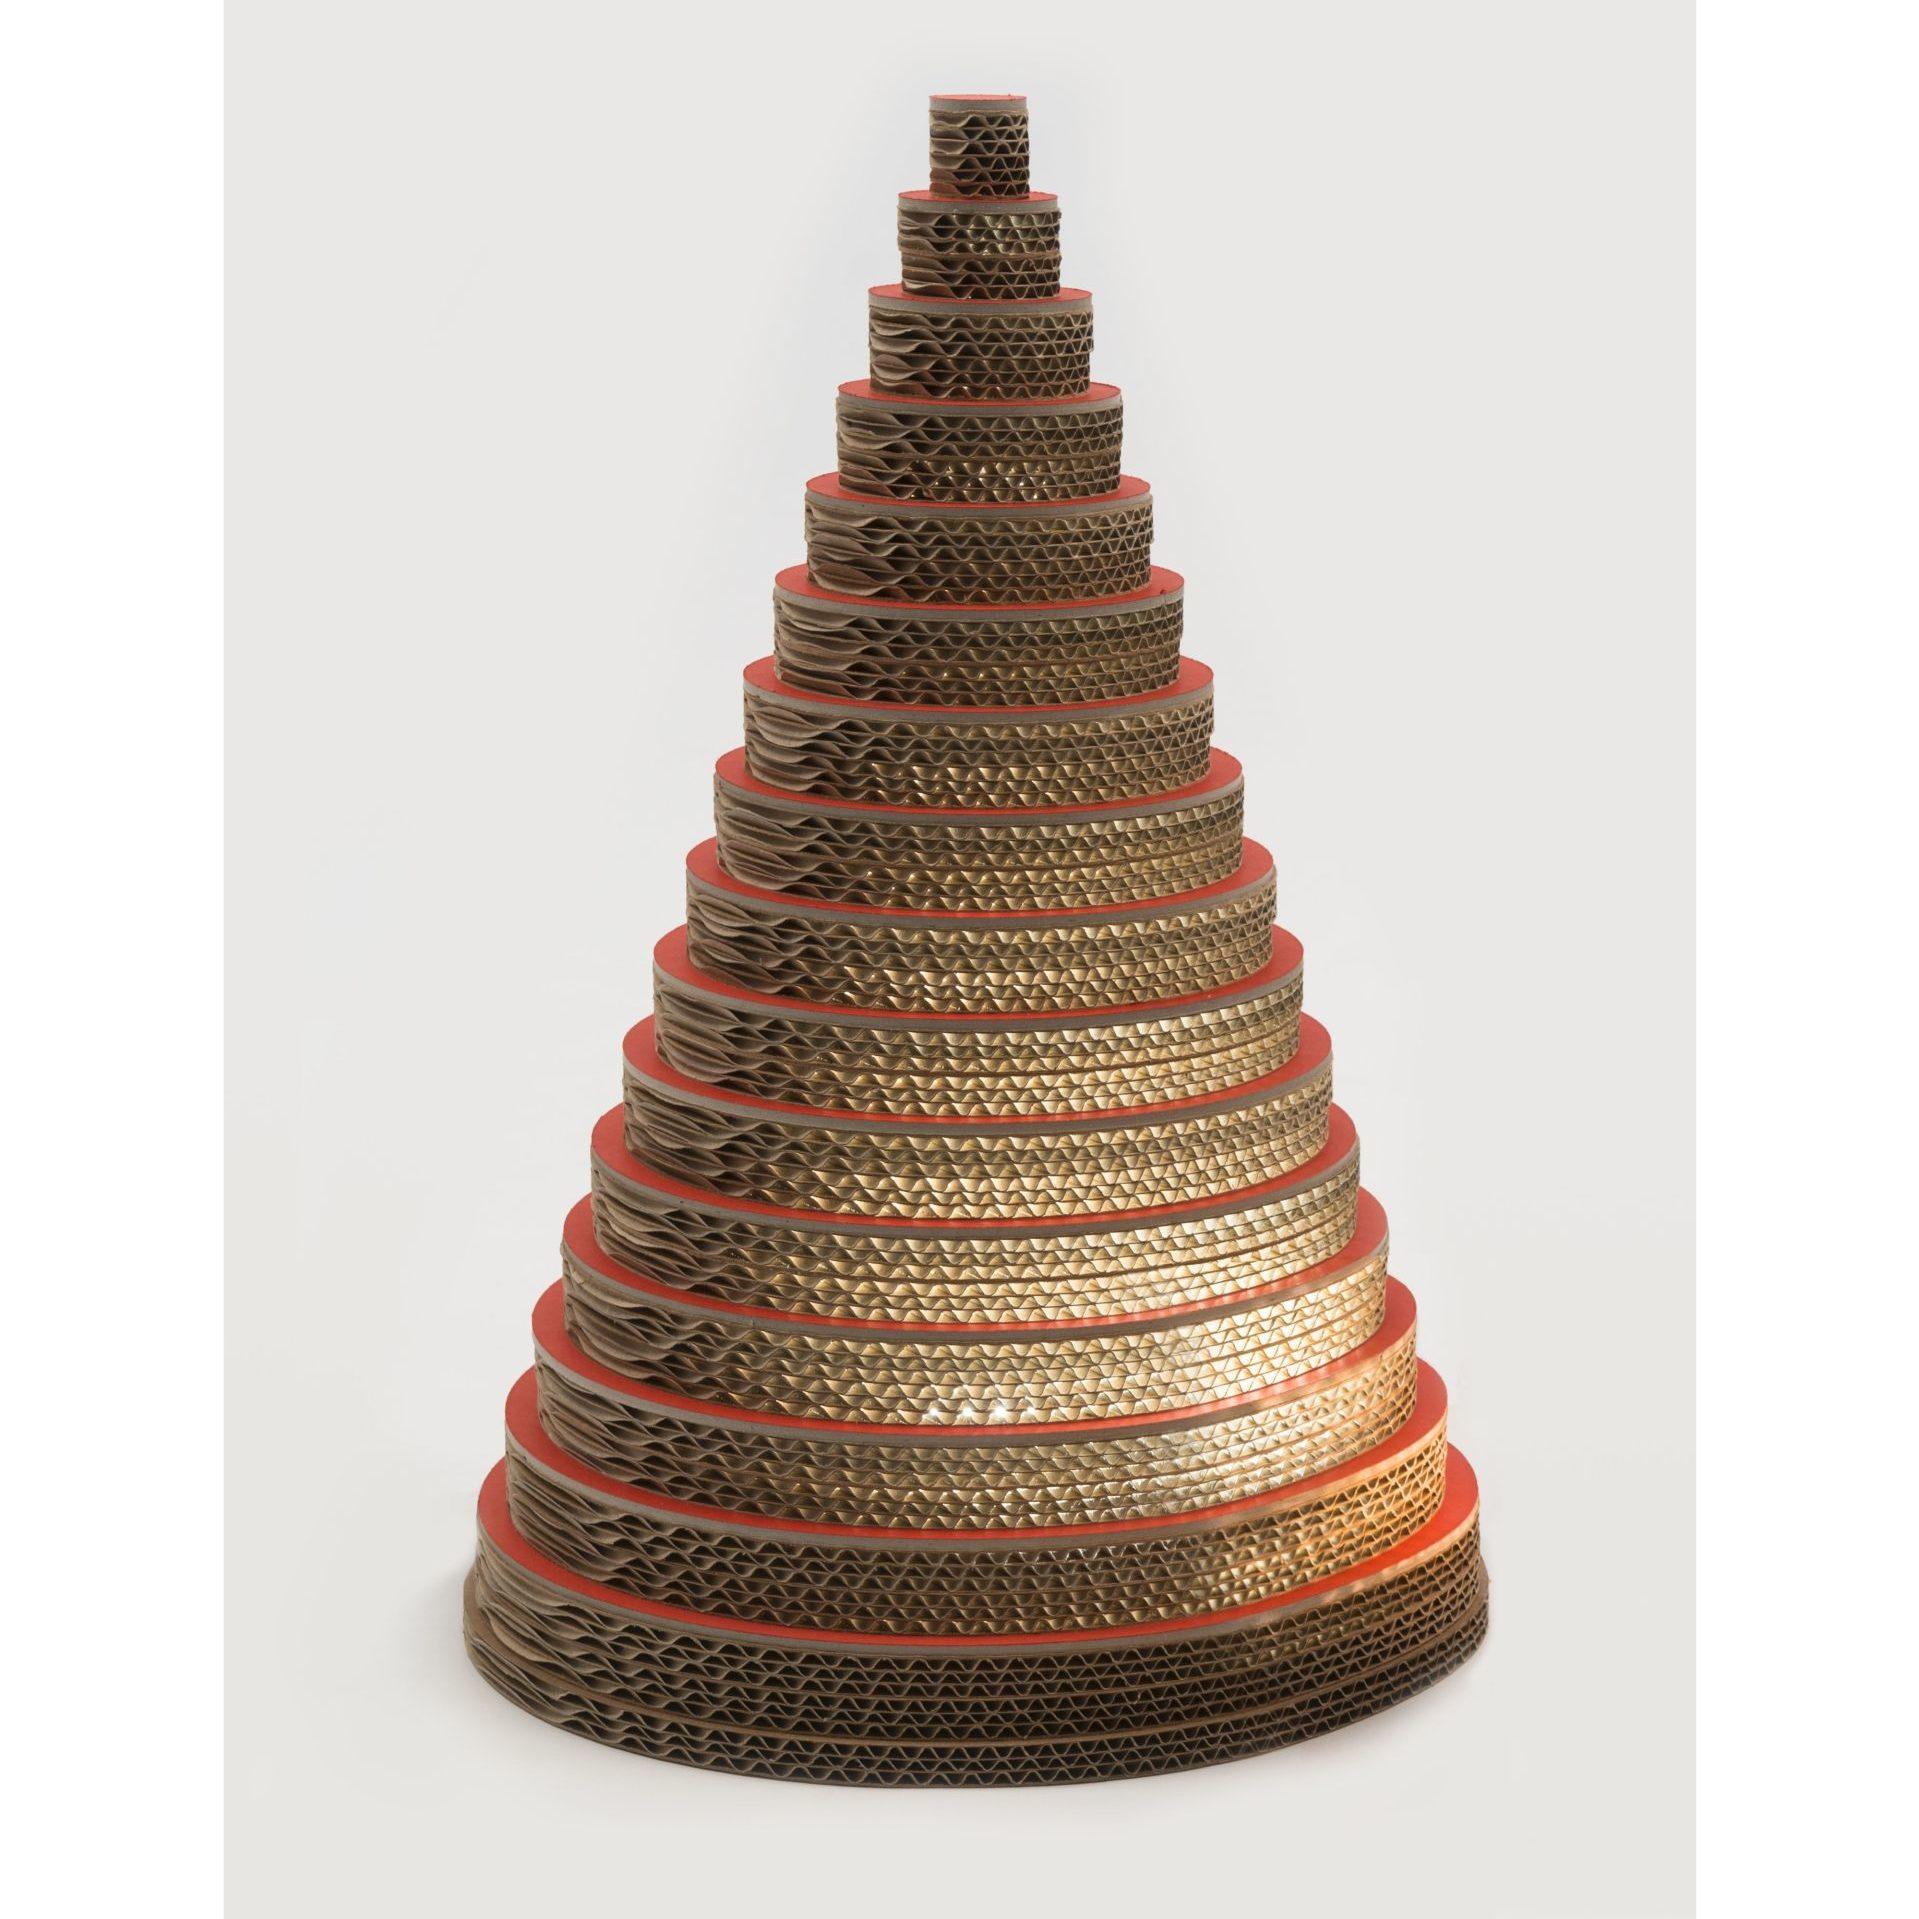 Podświetlana choinka wykonana z kartonu z recyklingu. Wysokość do 180 cm. www.lessmore.it